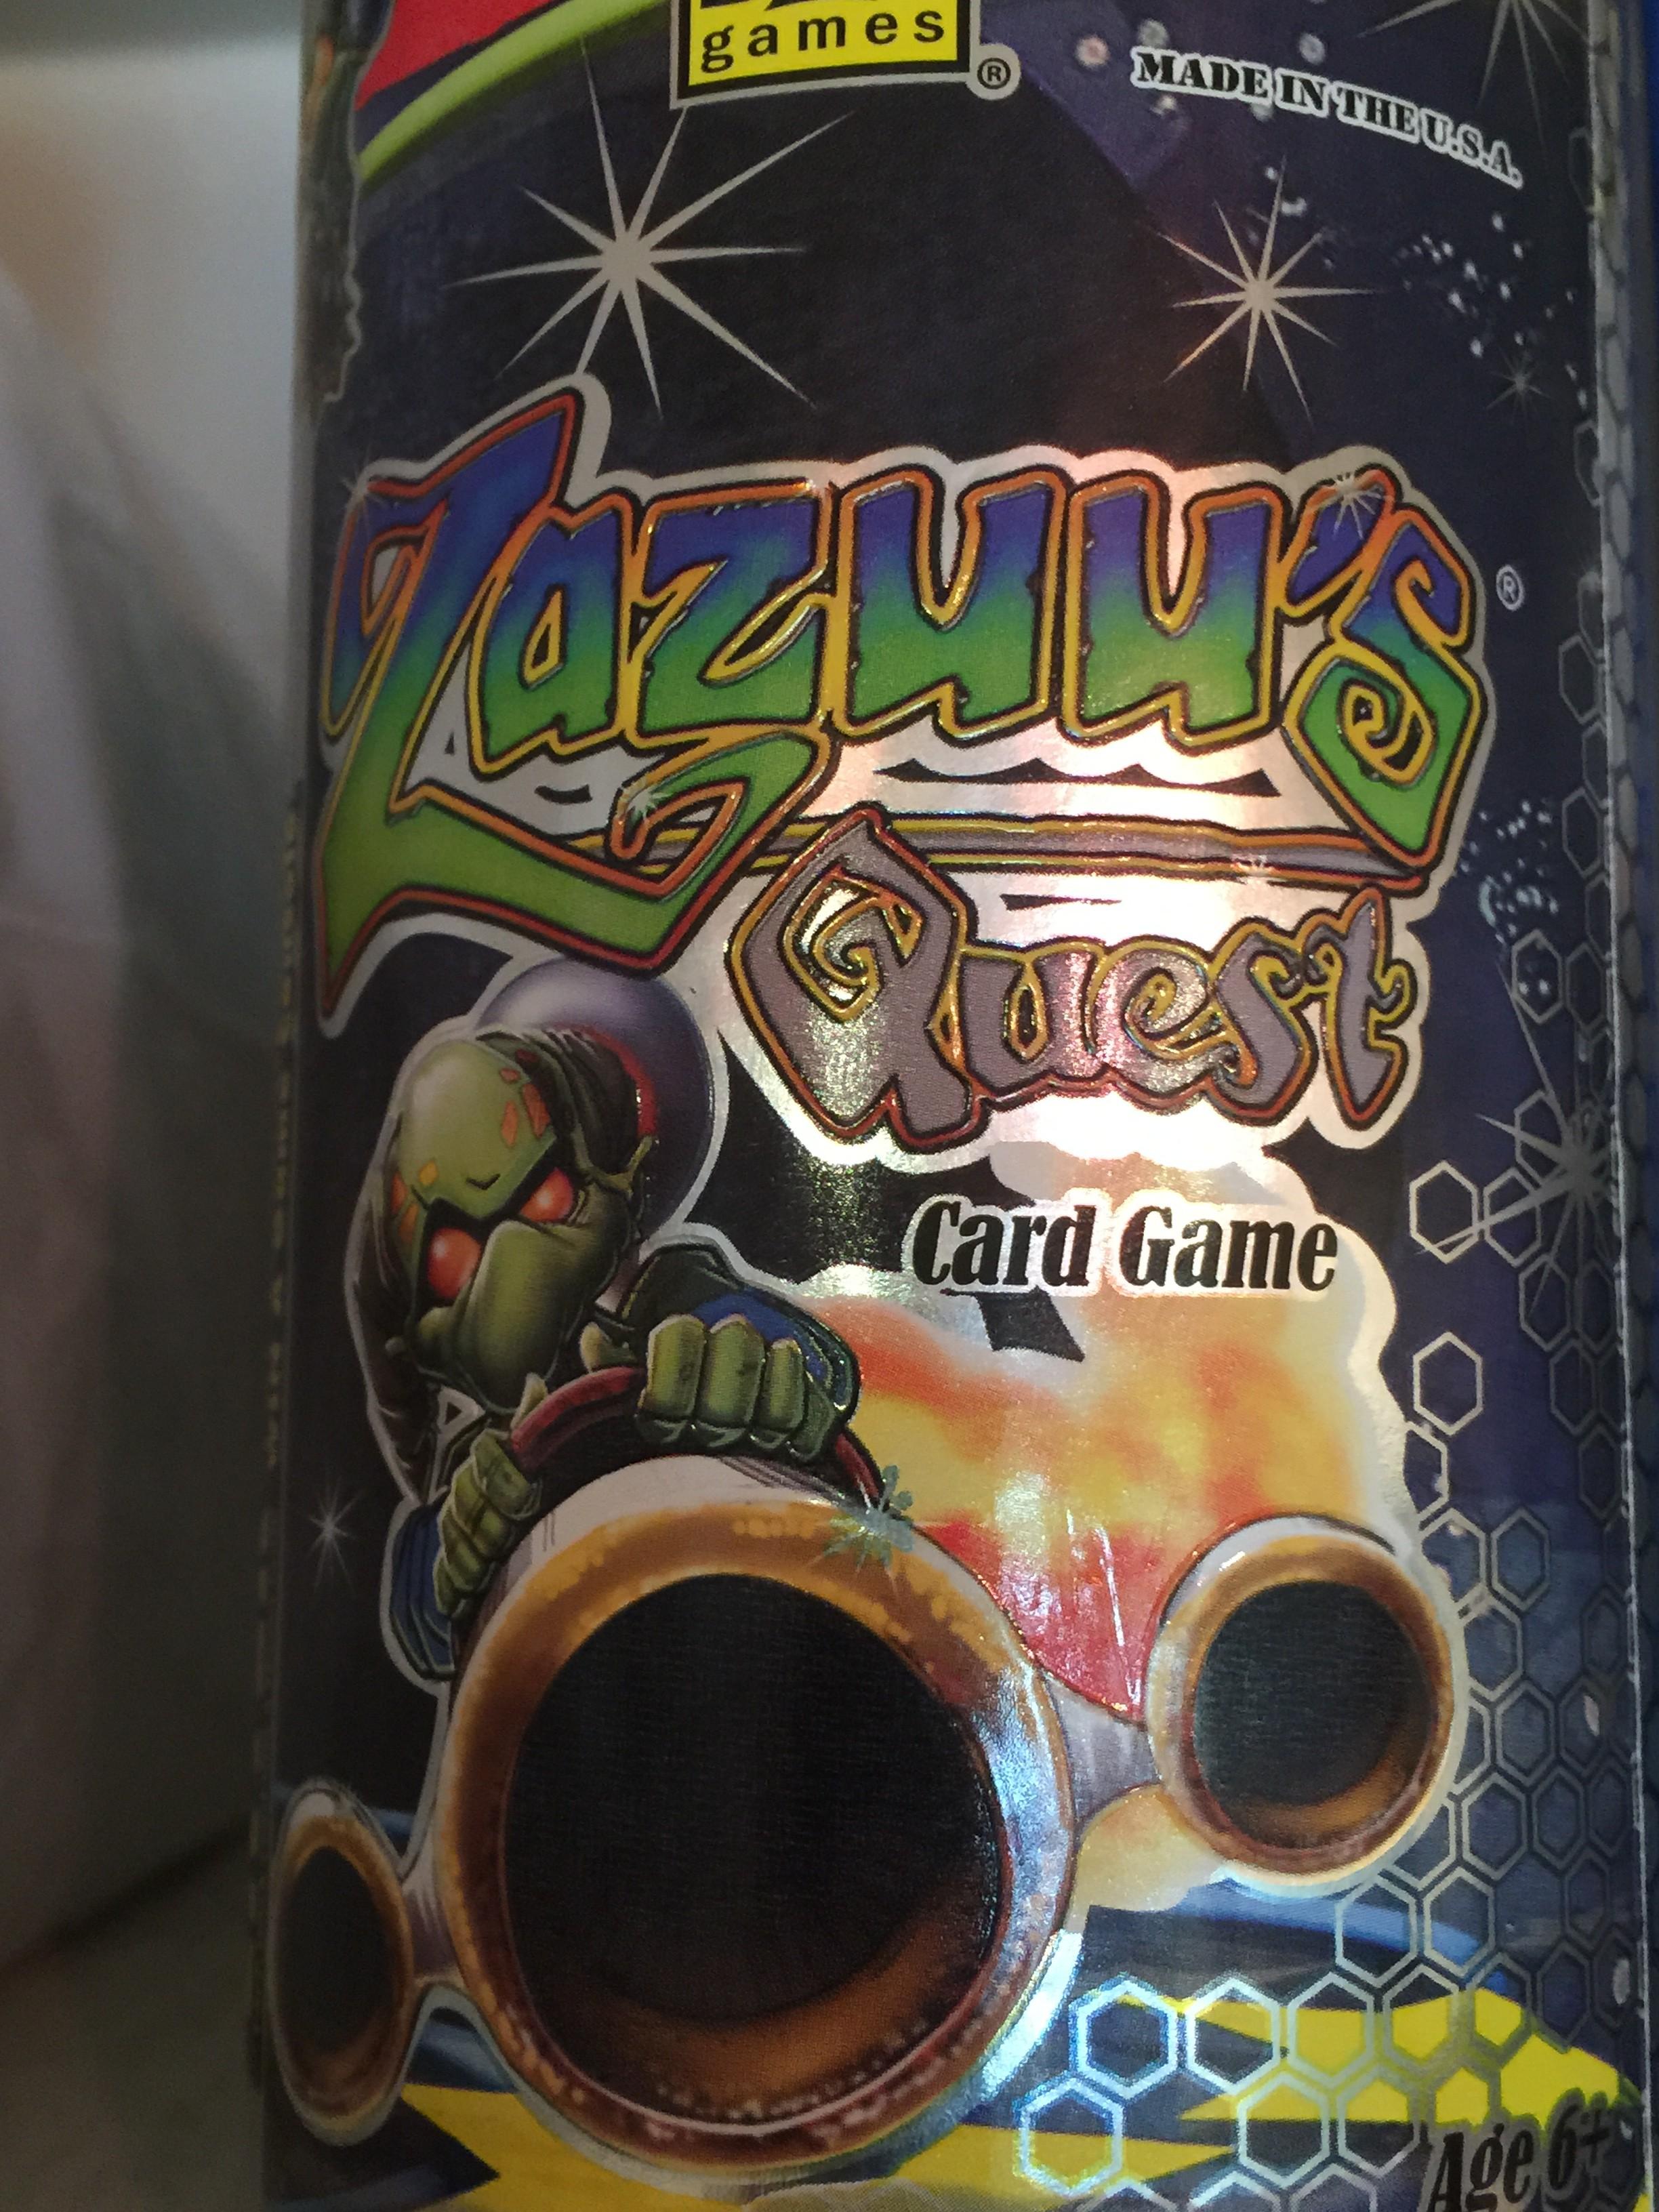 Zazuu's quest